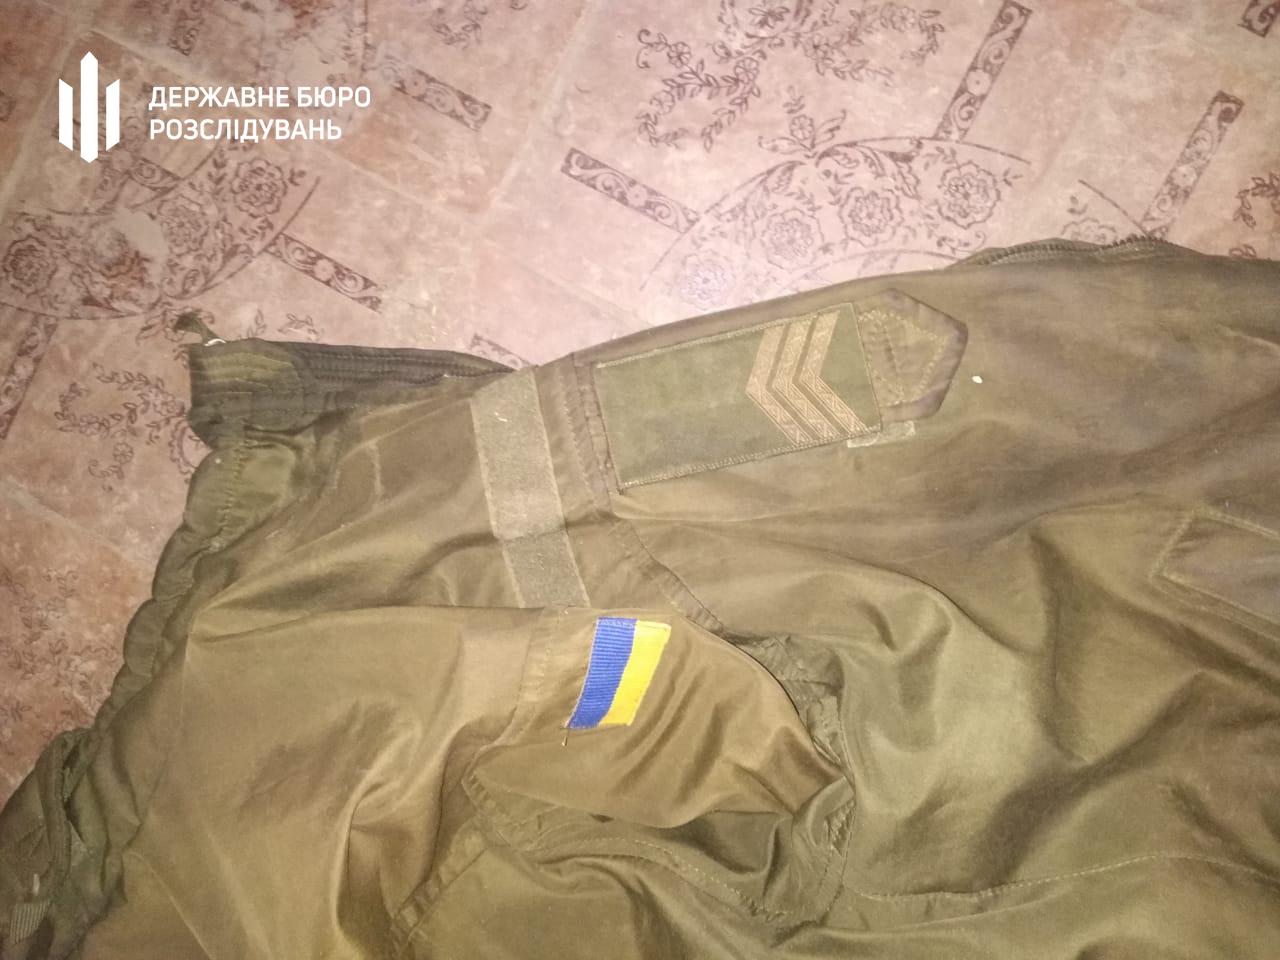 Військового на Донбасі арештували за побиття та підпал товариша по службі